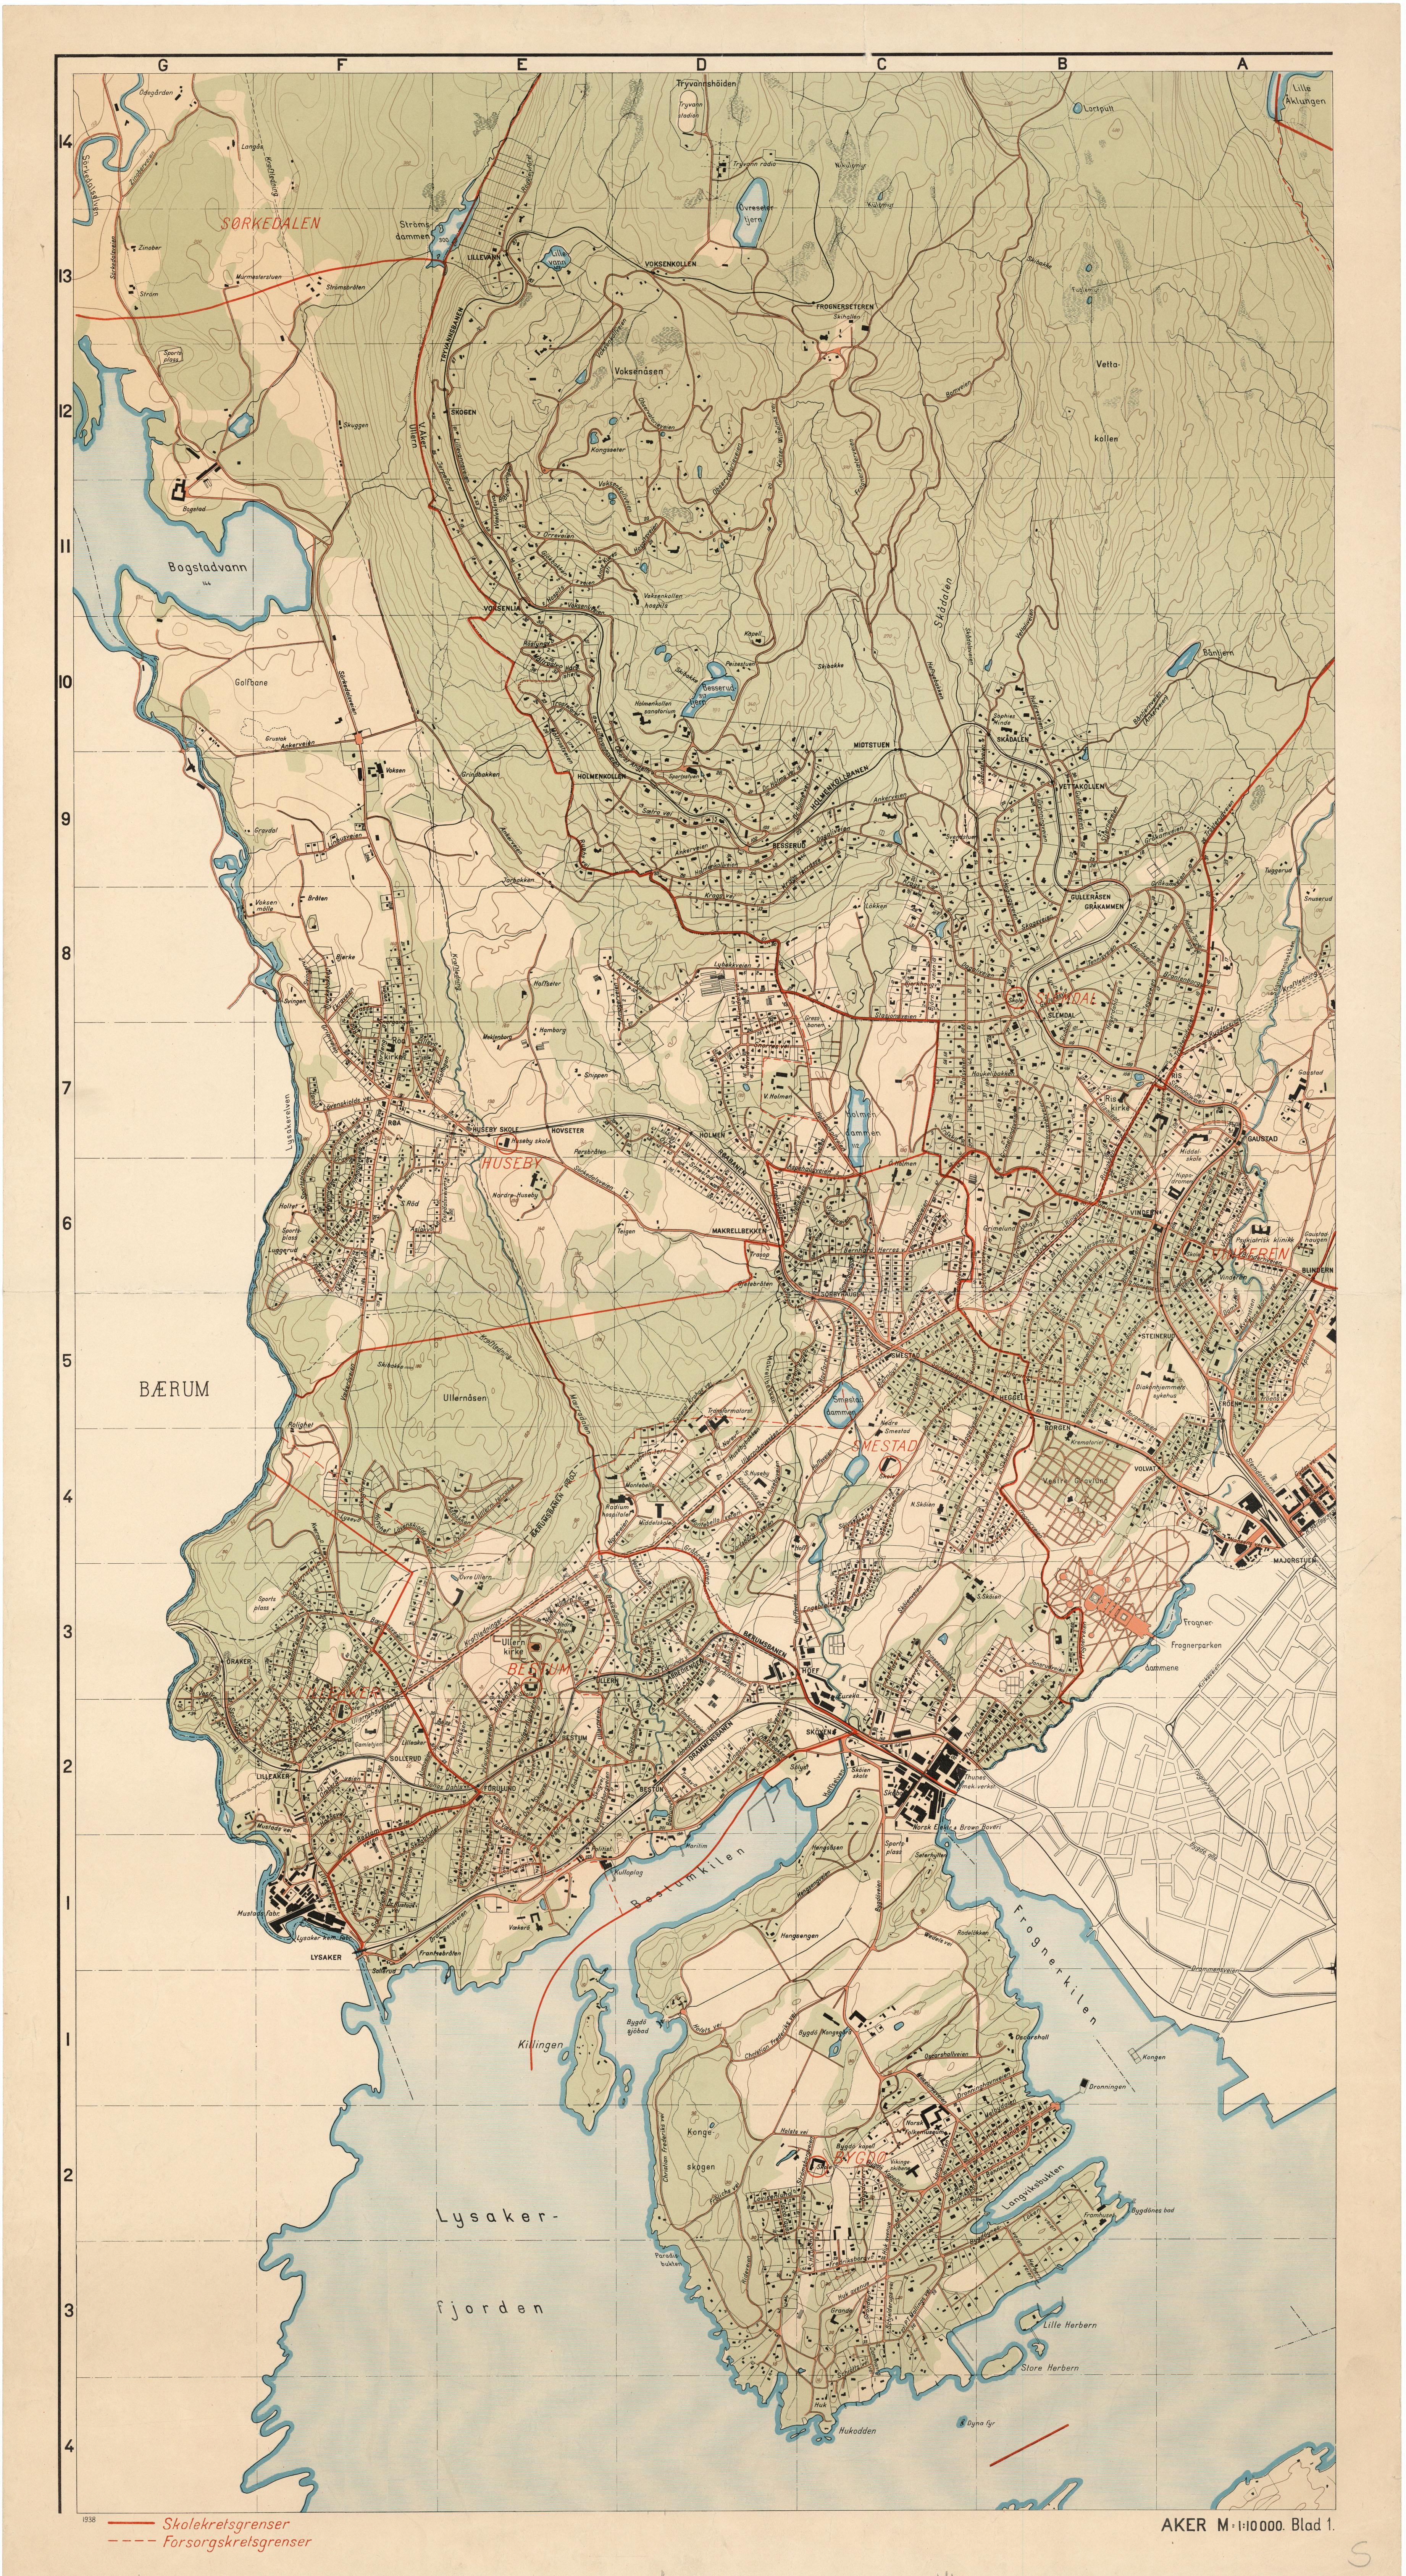 oslo byarkiv kart Kart over Aker 1938   Byarkivet   Oslo kommune oslo byarkiv kart